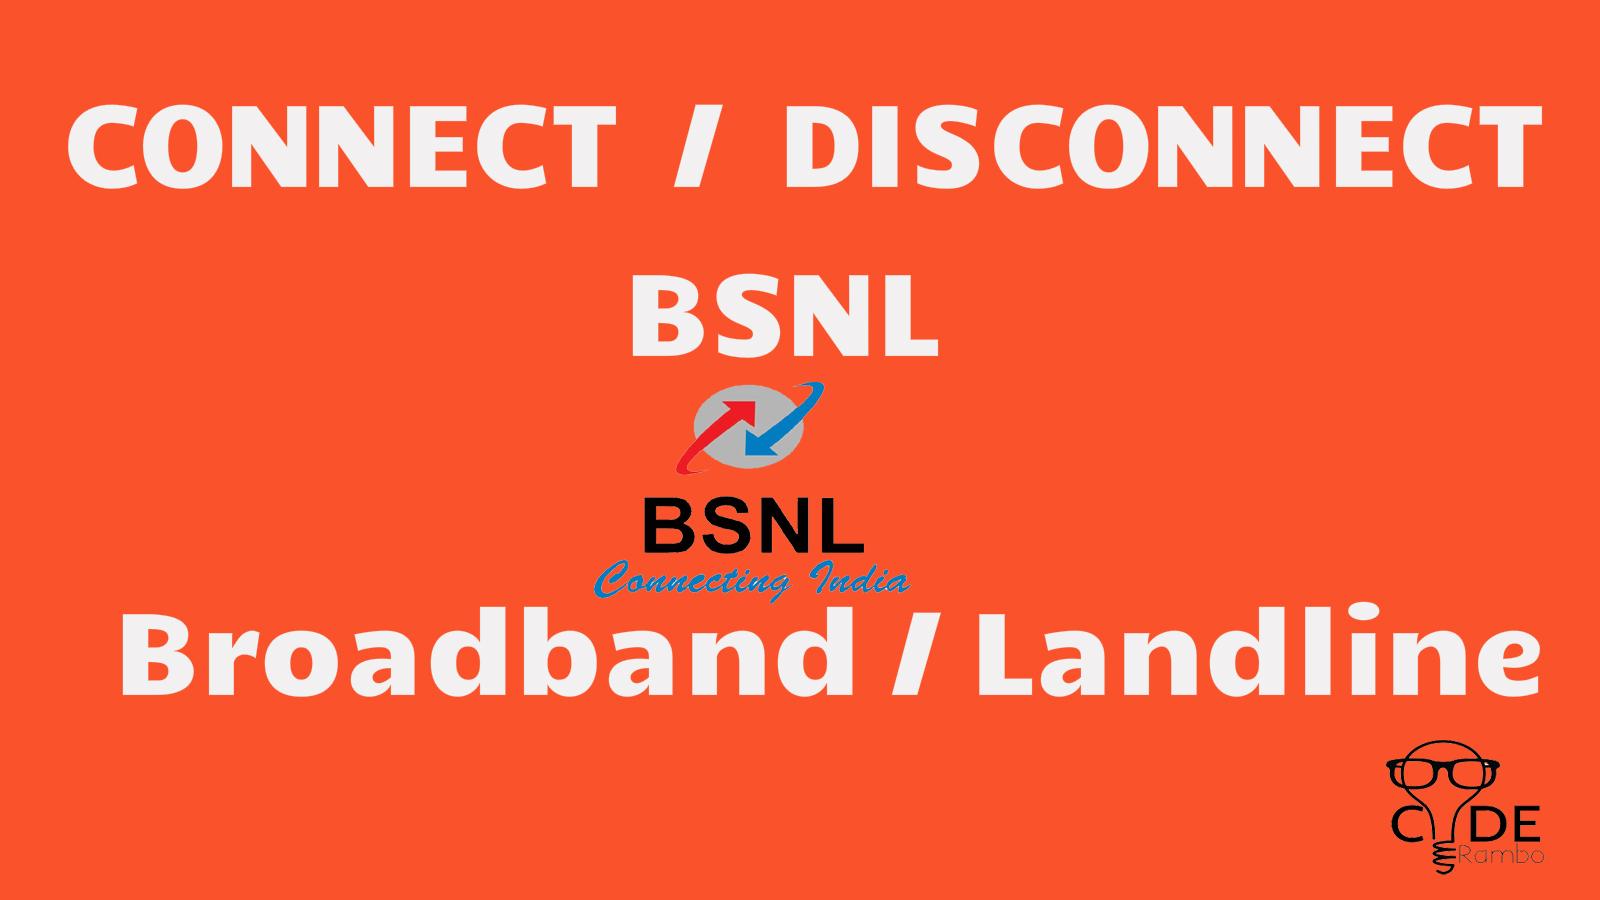 Landline Cancellation Letter Format ] - human factors ...